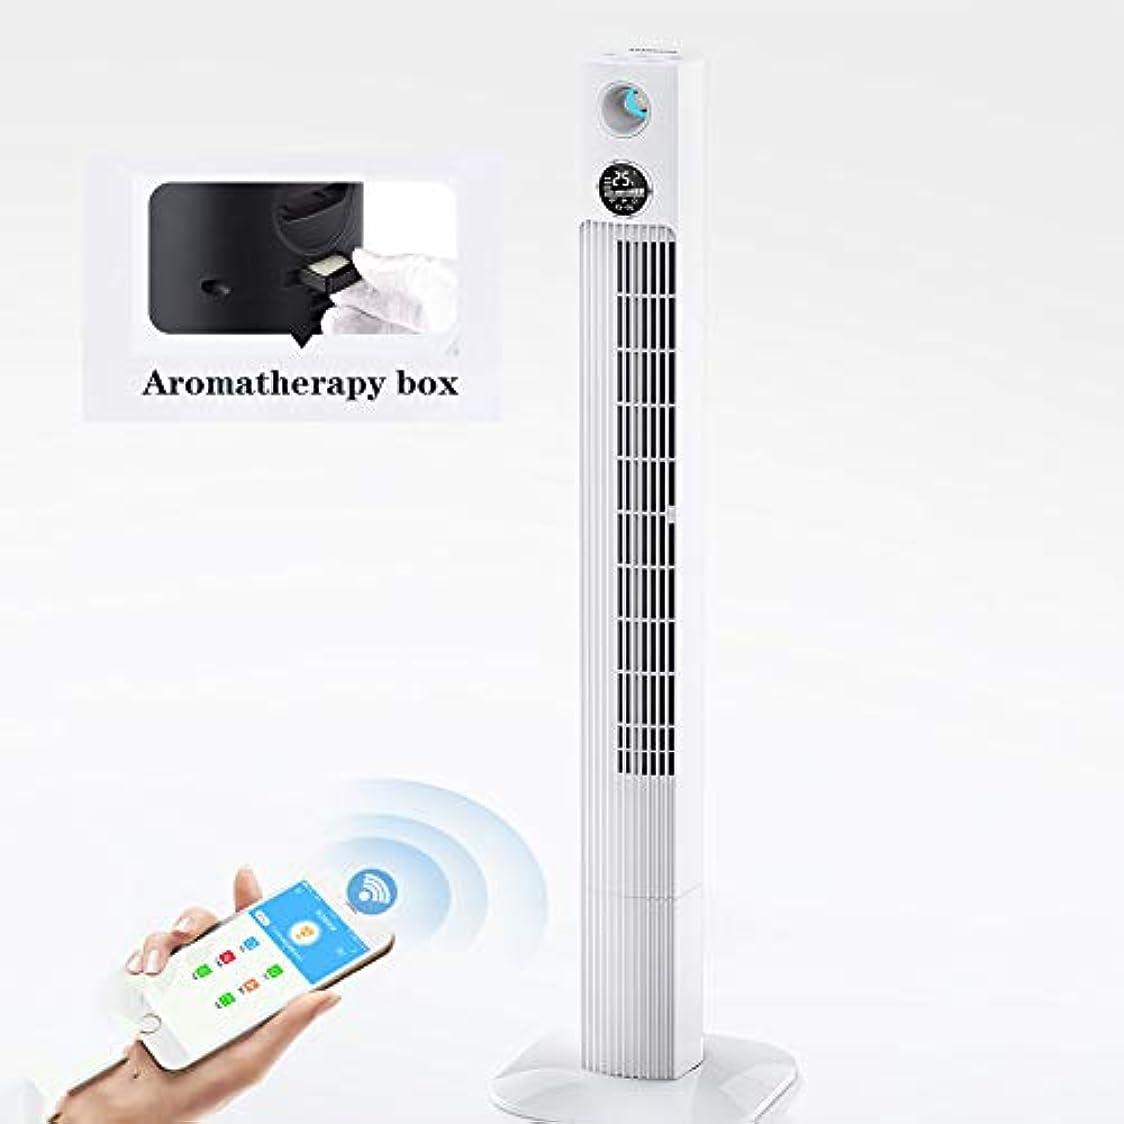 同一性ロータリーパラダイススリム扇風機 タワーファン 振動タワーファン空気清浄リモートコントロールは、Hdスクリーン温度モード表示を導くことができます,White